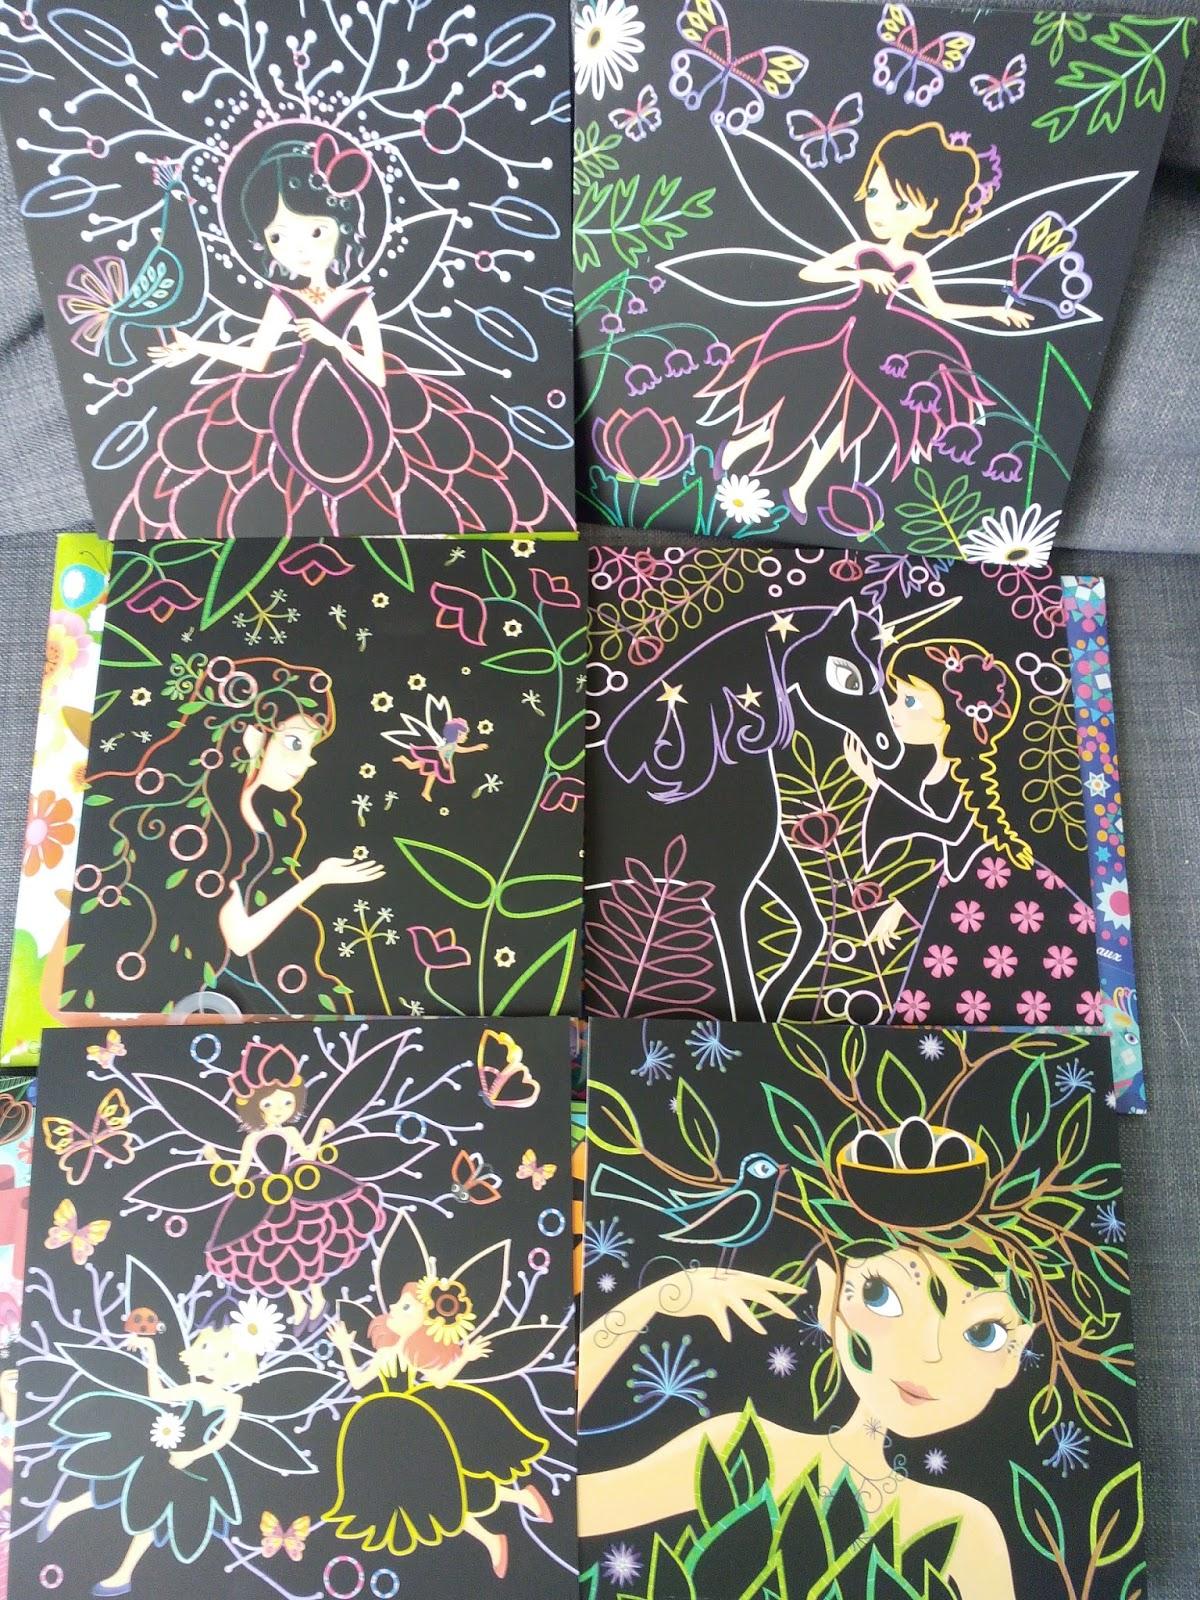 Nouveautés Février 2016 Loisirs créatifs chez Gründ Cartes  gratter Coloriages velours Stickers en feutrine Tableaux scintillants